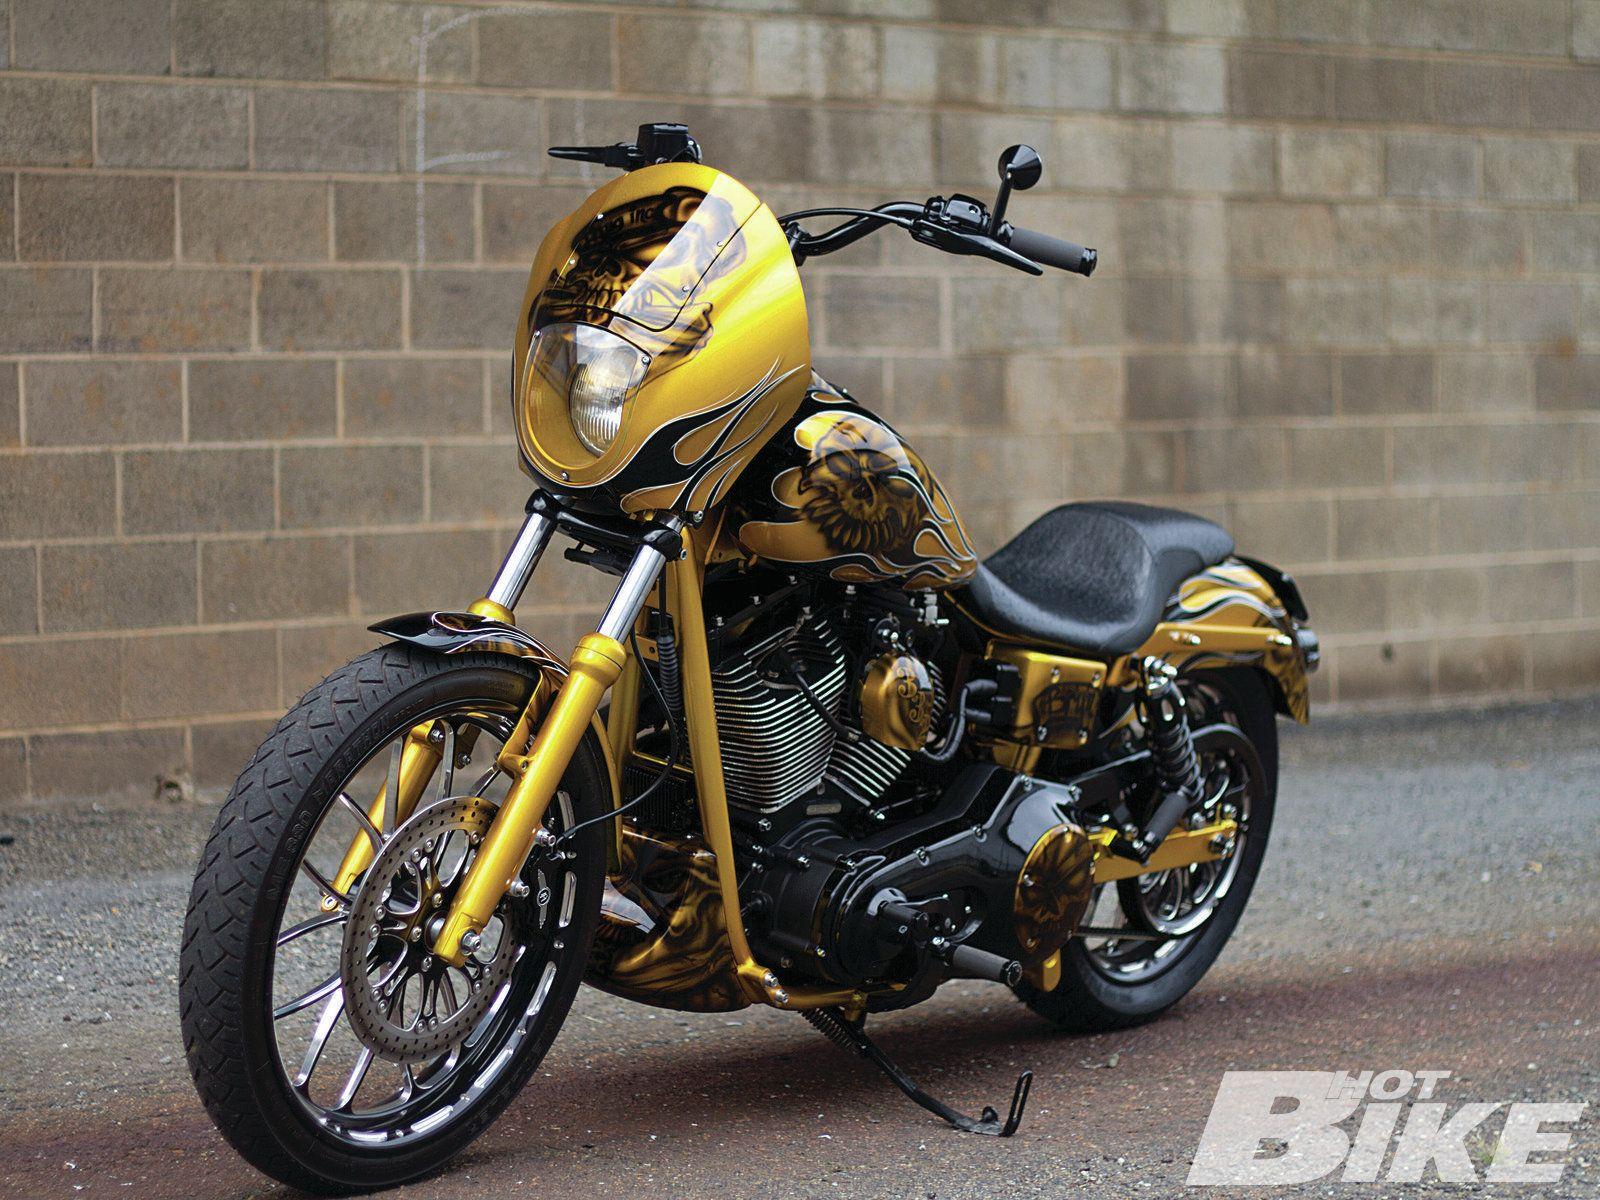 Harley Davidson Fxd Dyna Super Glide Fxdx Super Glide